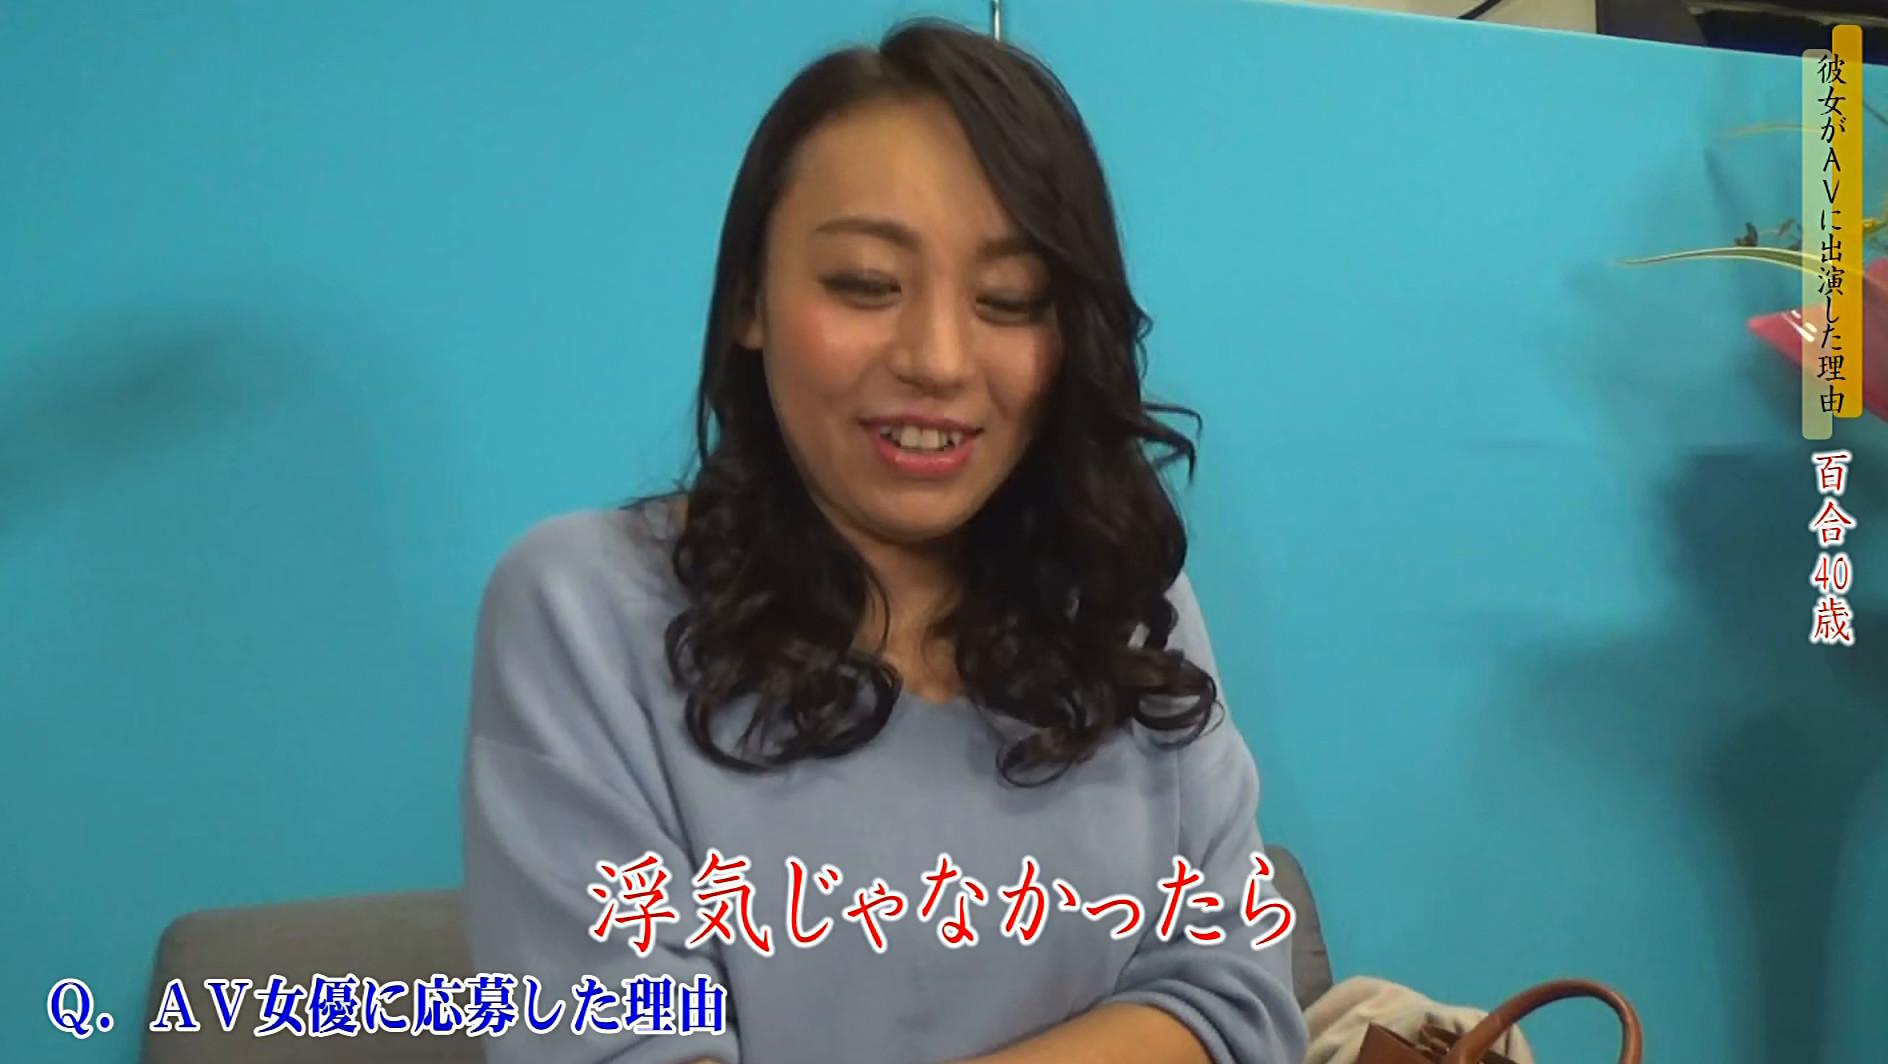 訳あり熟女の初撮りAVに完全密着(2)~複数プレイがしてみたい・和奈さん(35歳)&SEXが好きすぎて・百合さん(40歳) 画像13